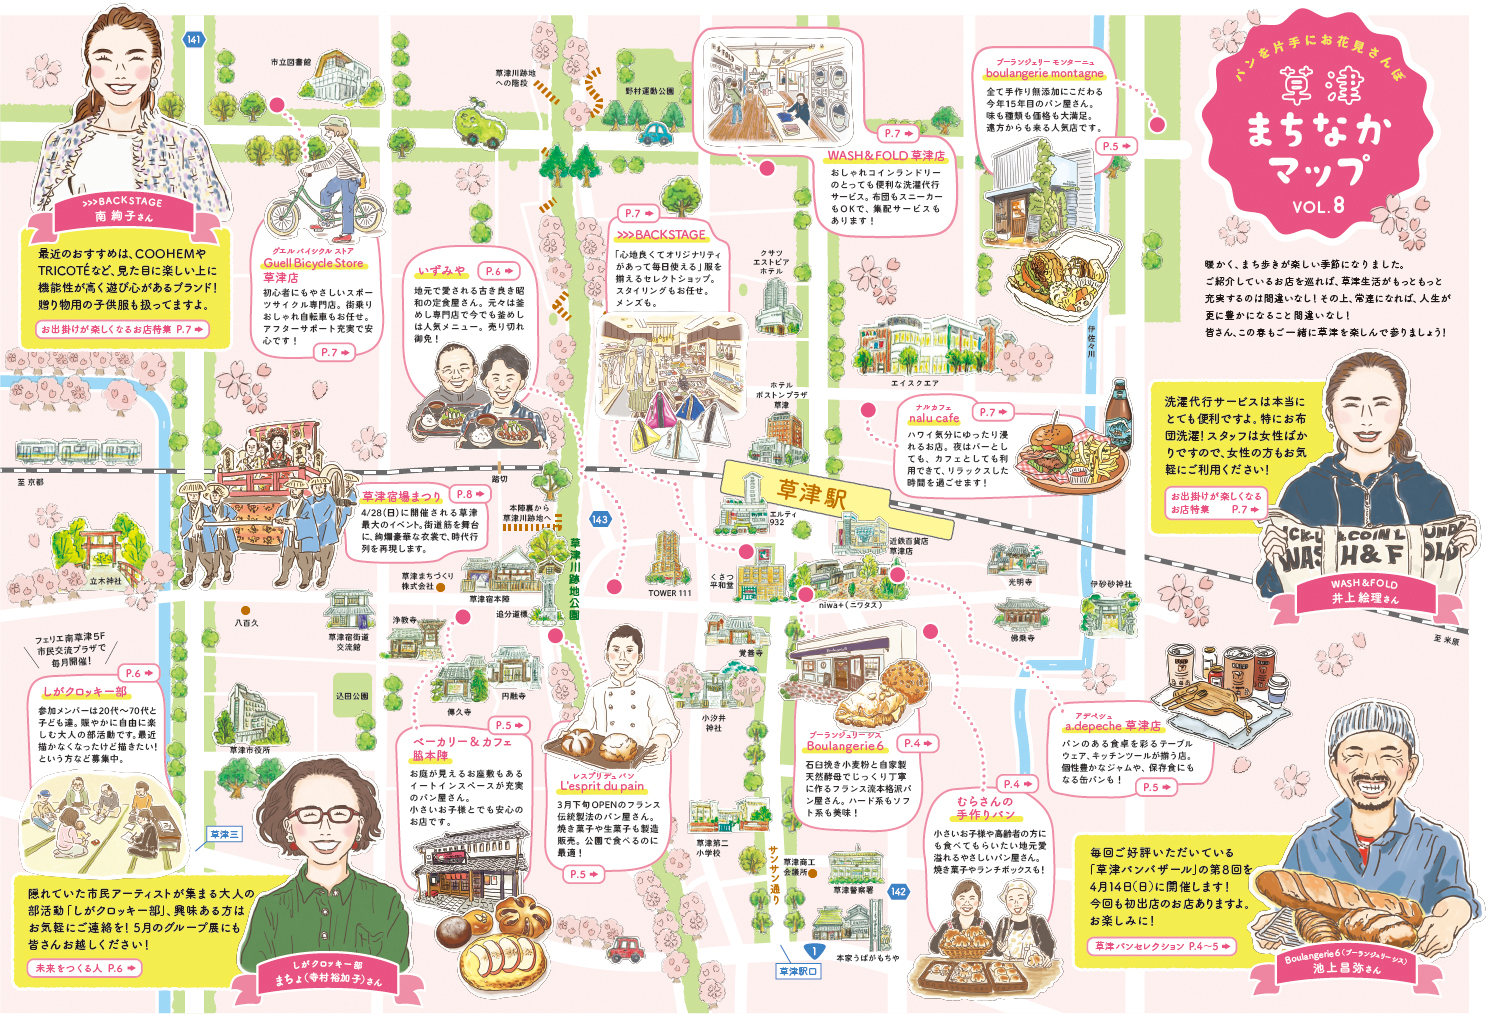 草津まちなかMAP Vol.8